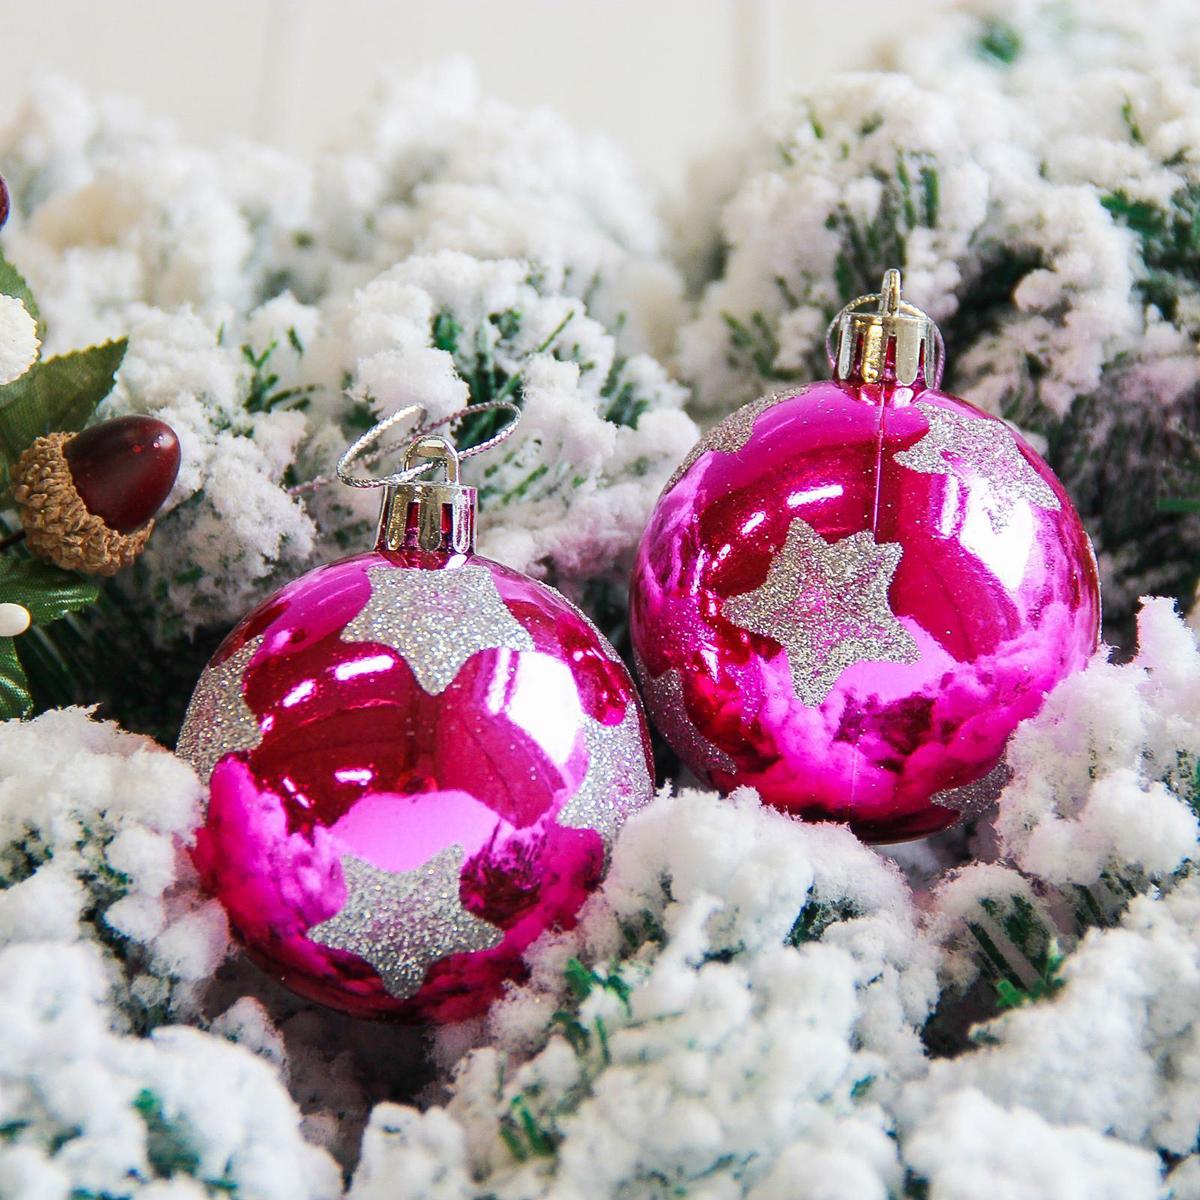 Набор новогодних подвесных украшений Sima-land Яркая звезда, цвет: малиновый, диаметр 6 см, 6 шт свеча ароматизированная sima land лимон на подставке высота 6 см